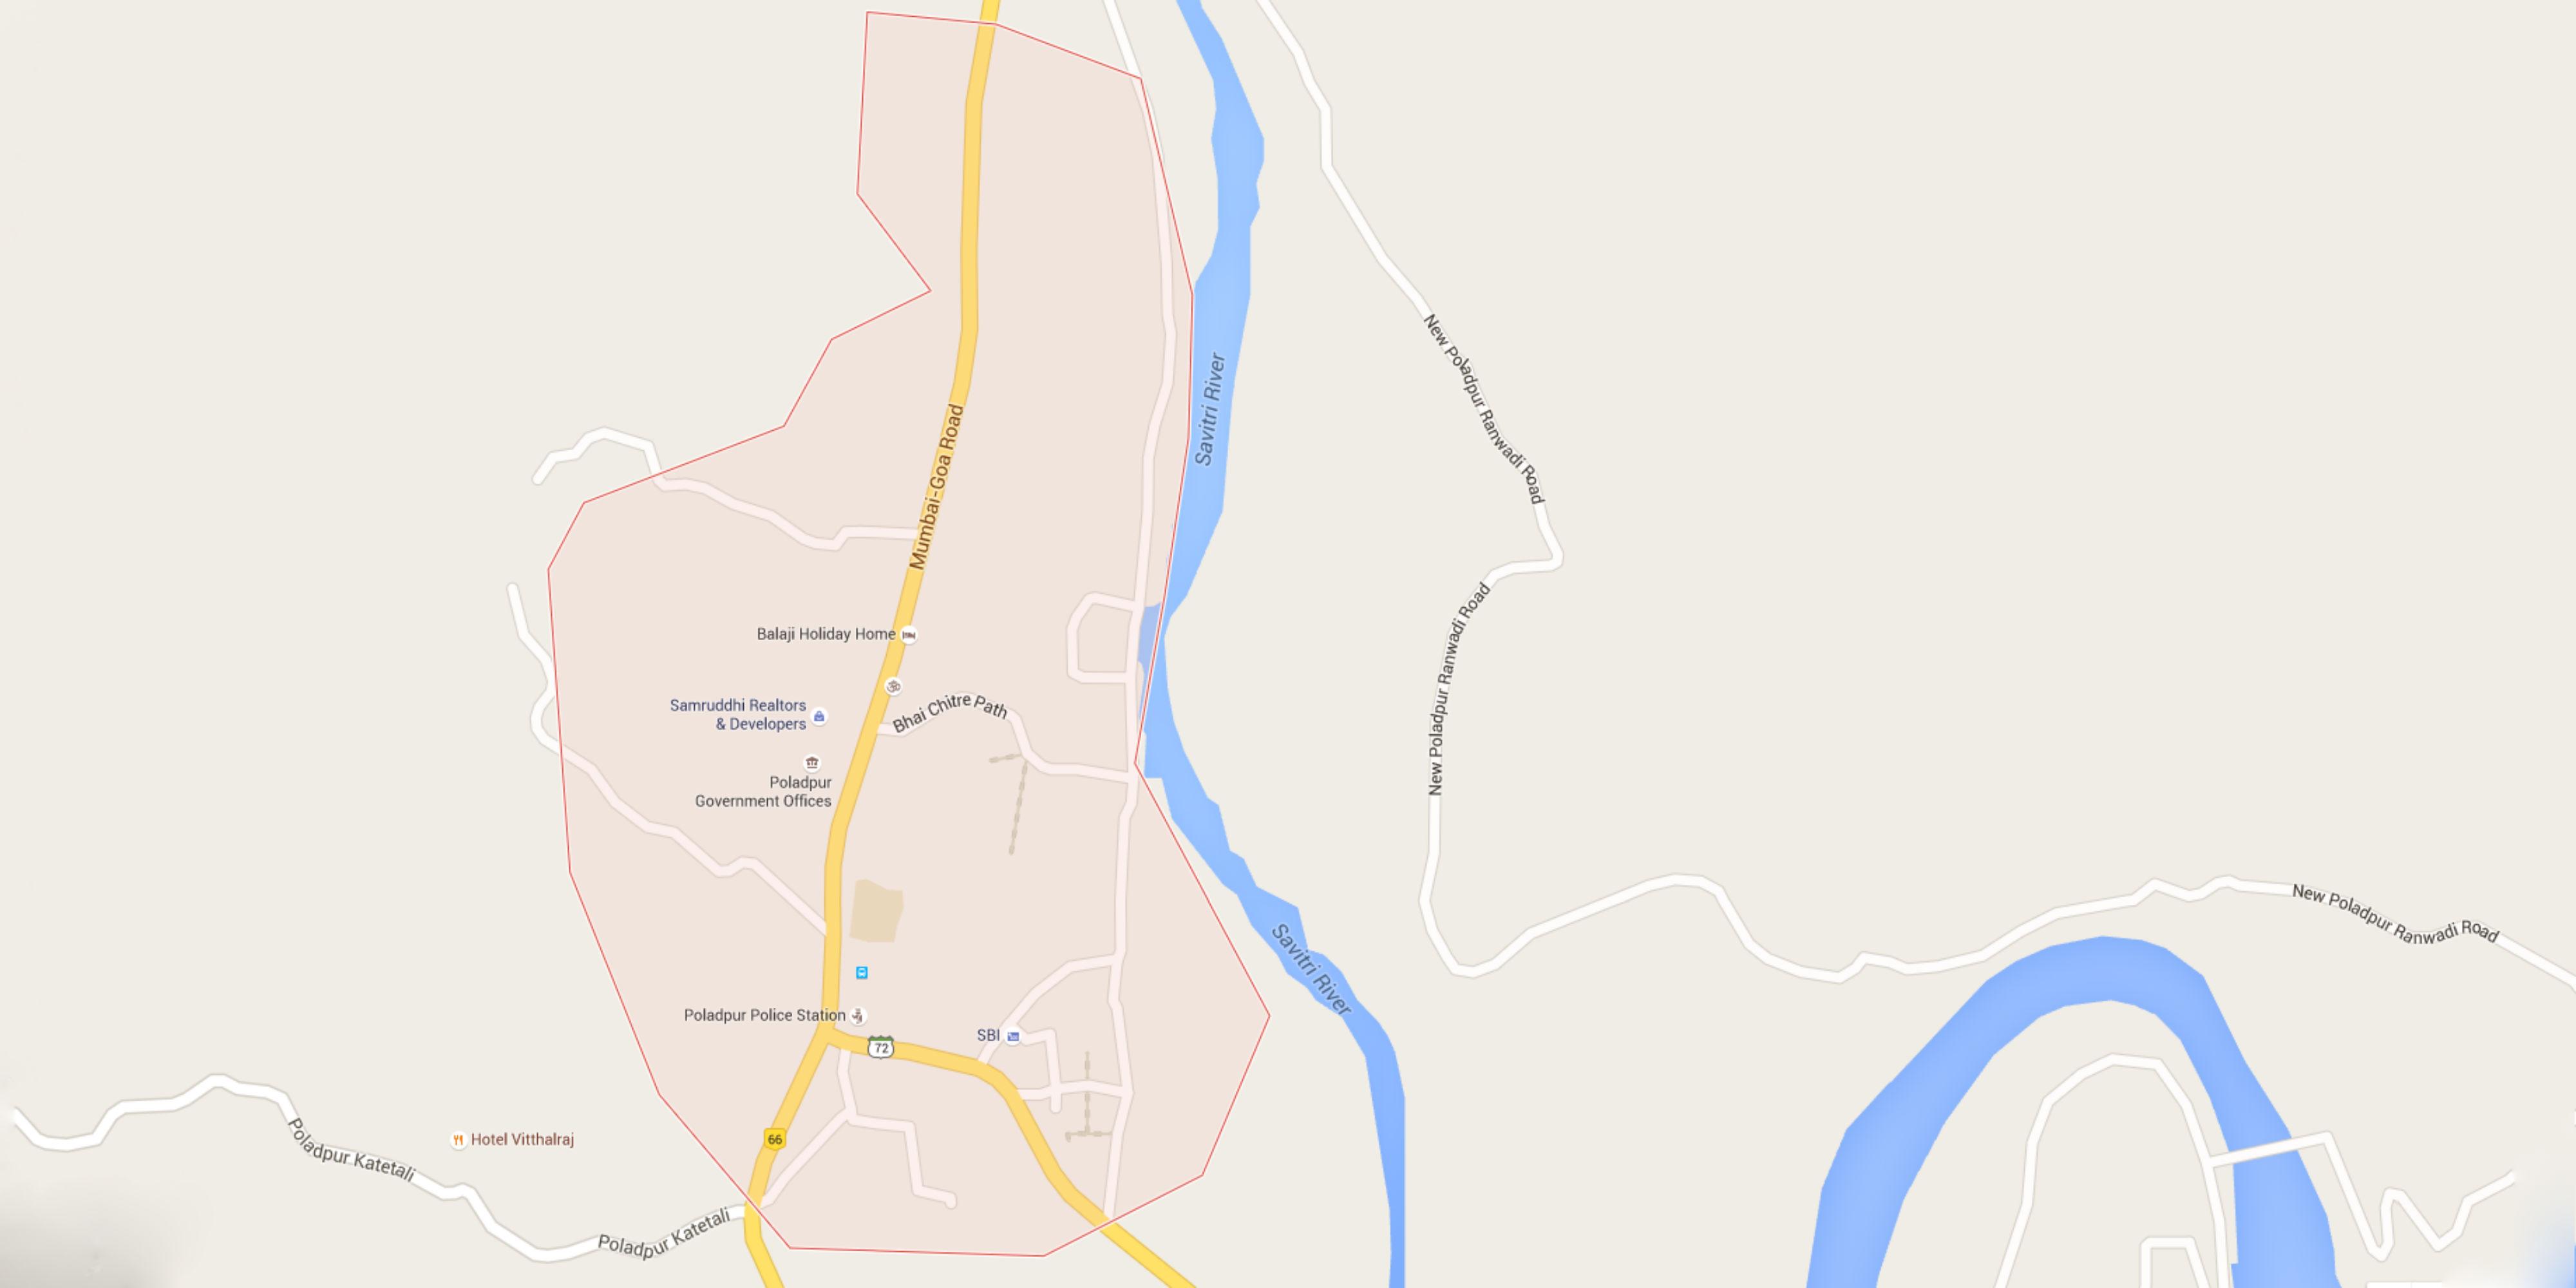 Poladpur